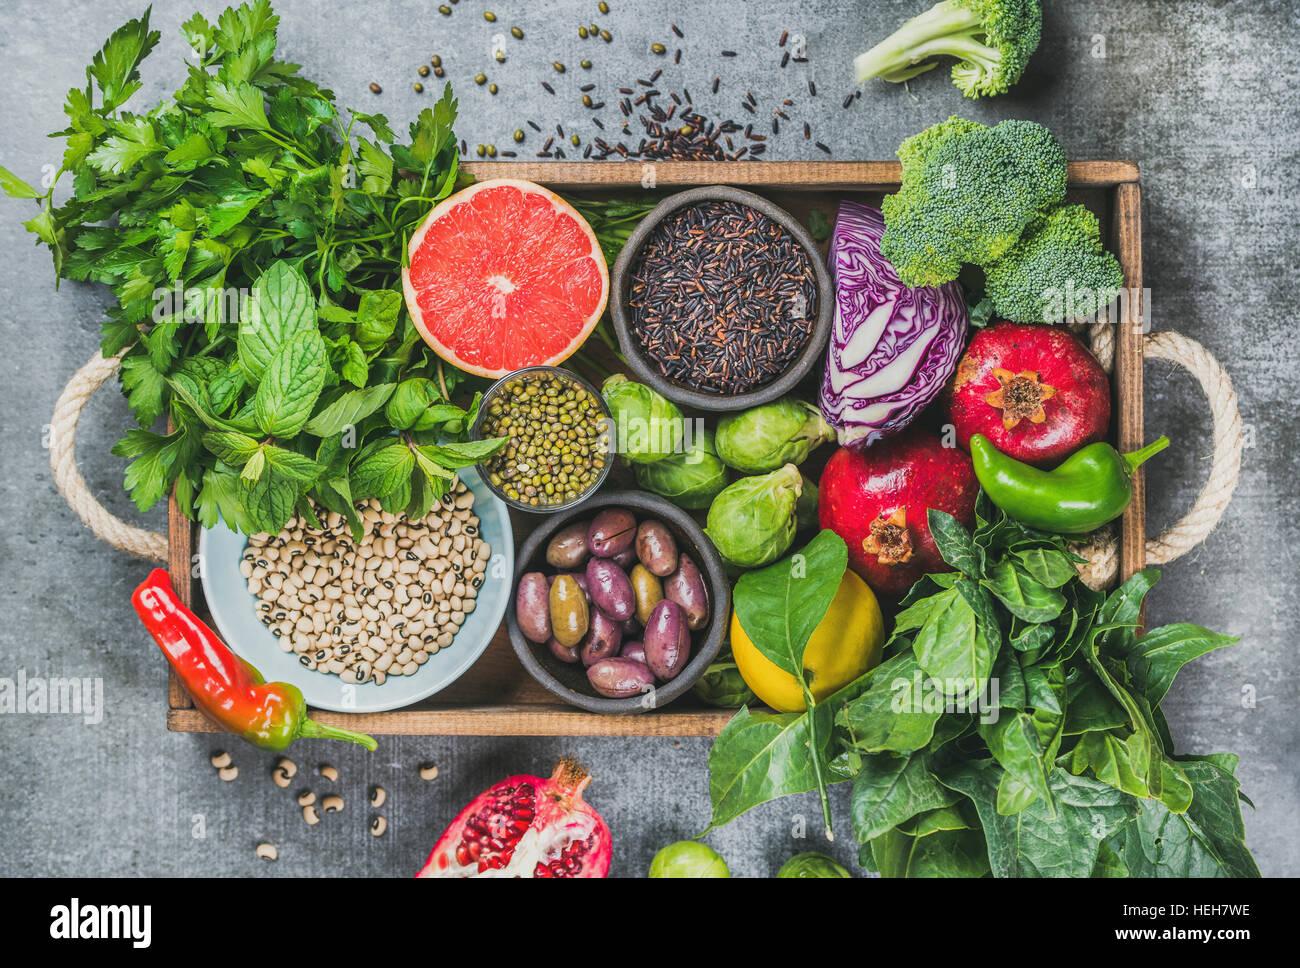 Verduras frescas y frutas, semillas, cereales, legumbres, especias, fuentes alimenticias, hierbas condimento en Imagen De Stock